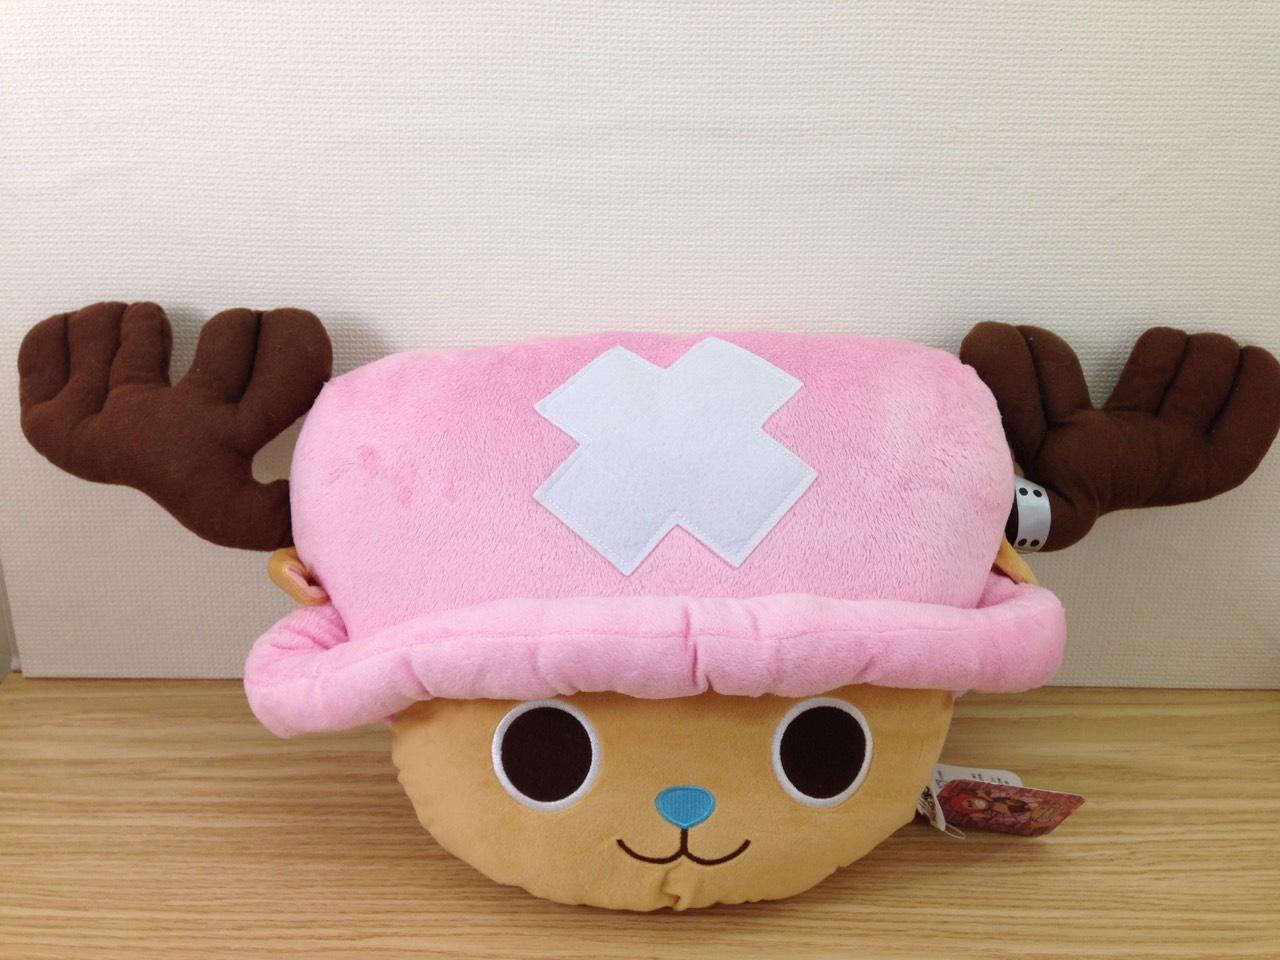 【真愛日本】1510260002714吋頭型抱枕-喬巴  海賊王 航海王 喬巴 魯夫   抱枕  靠枕  頭型